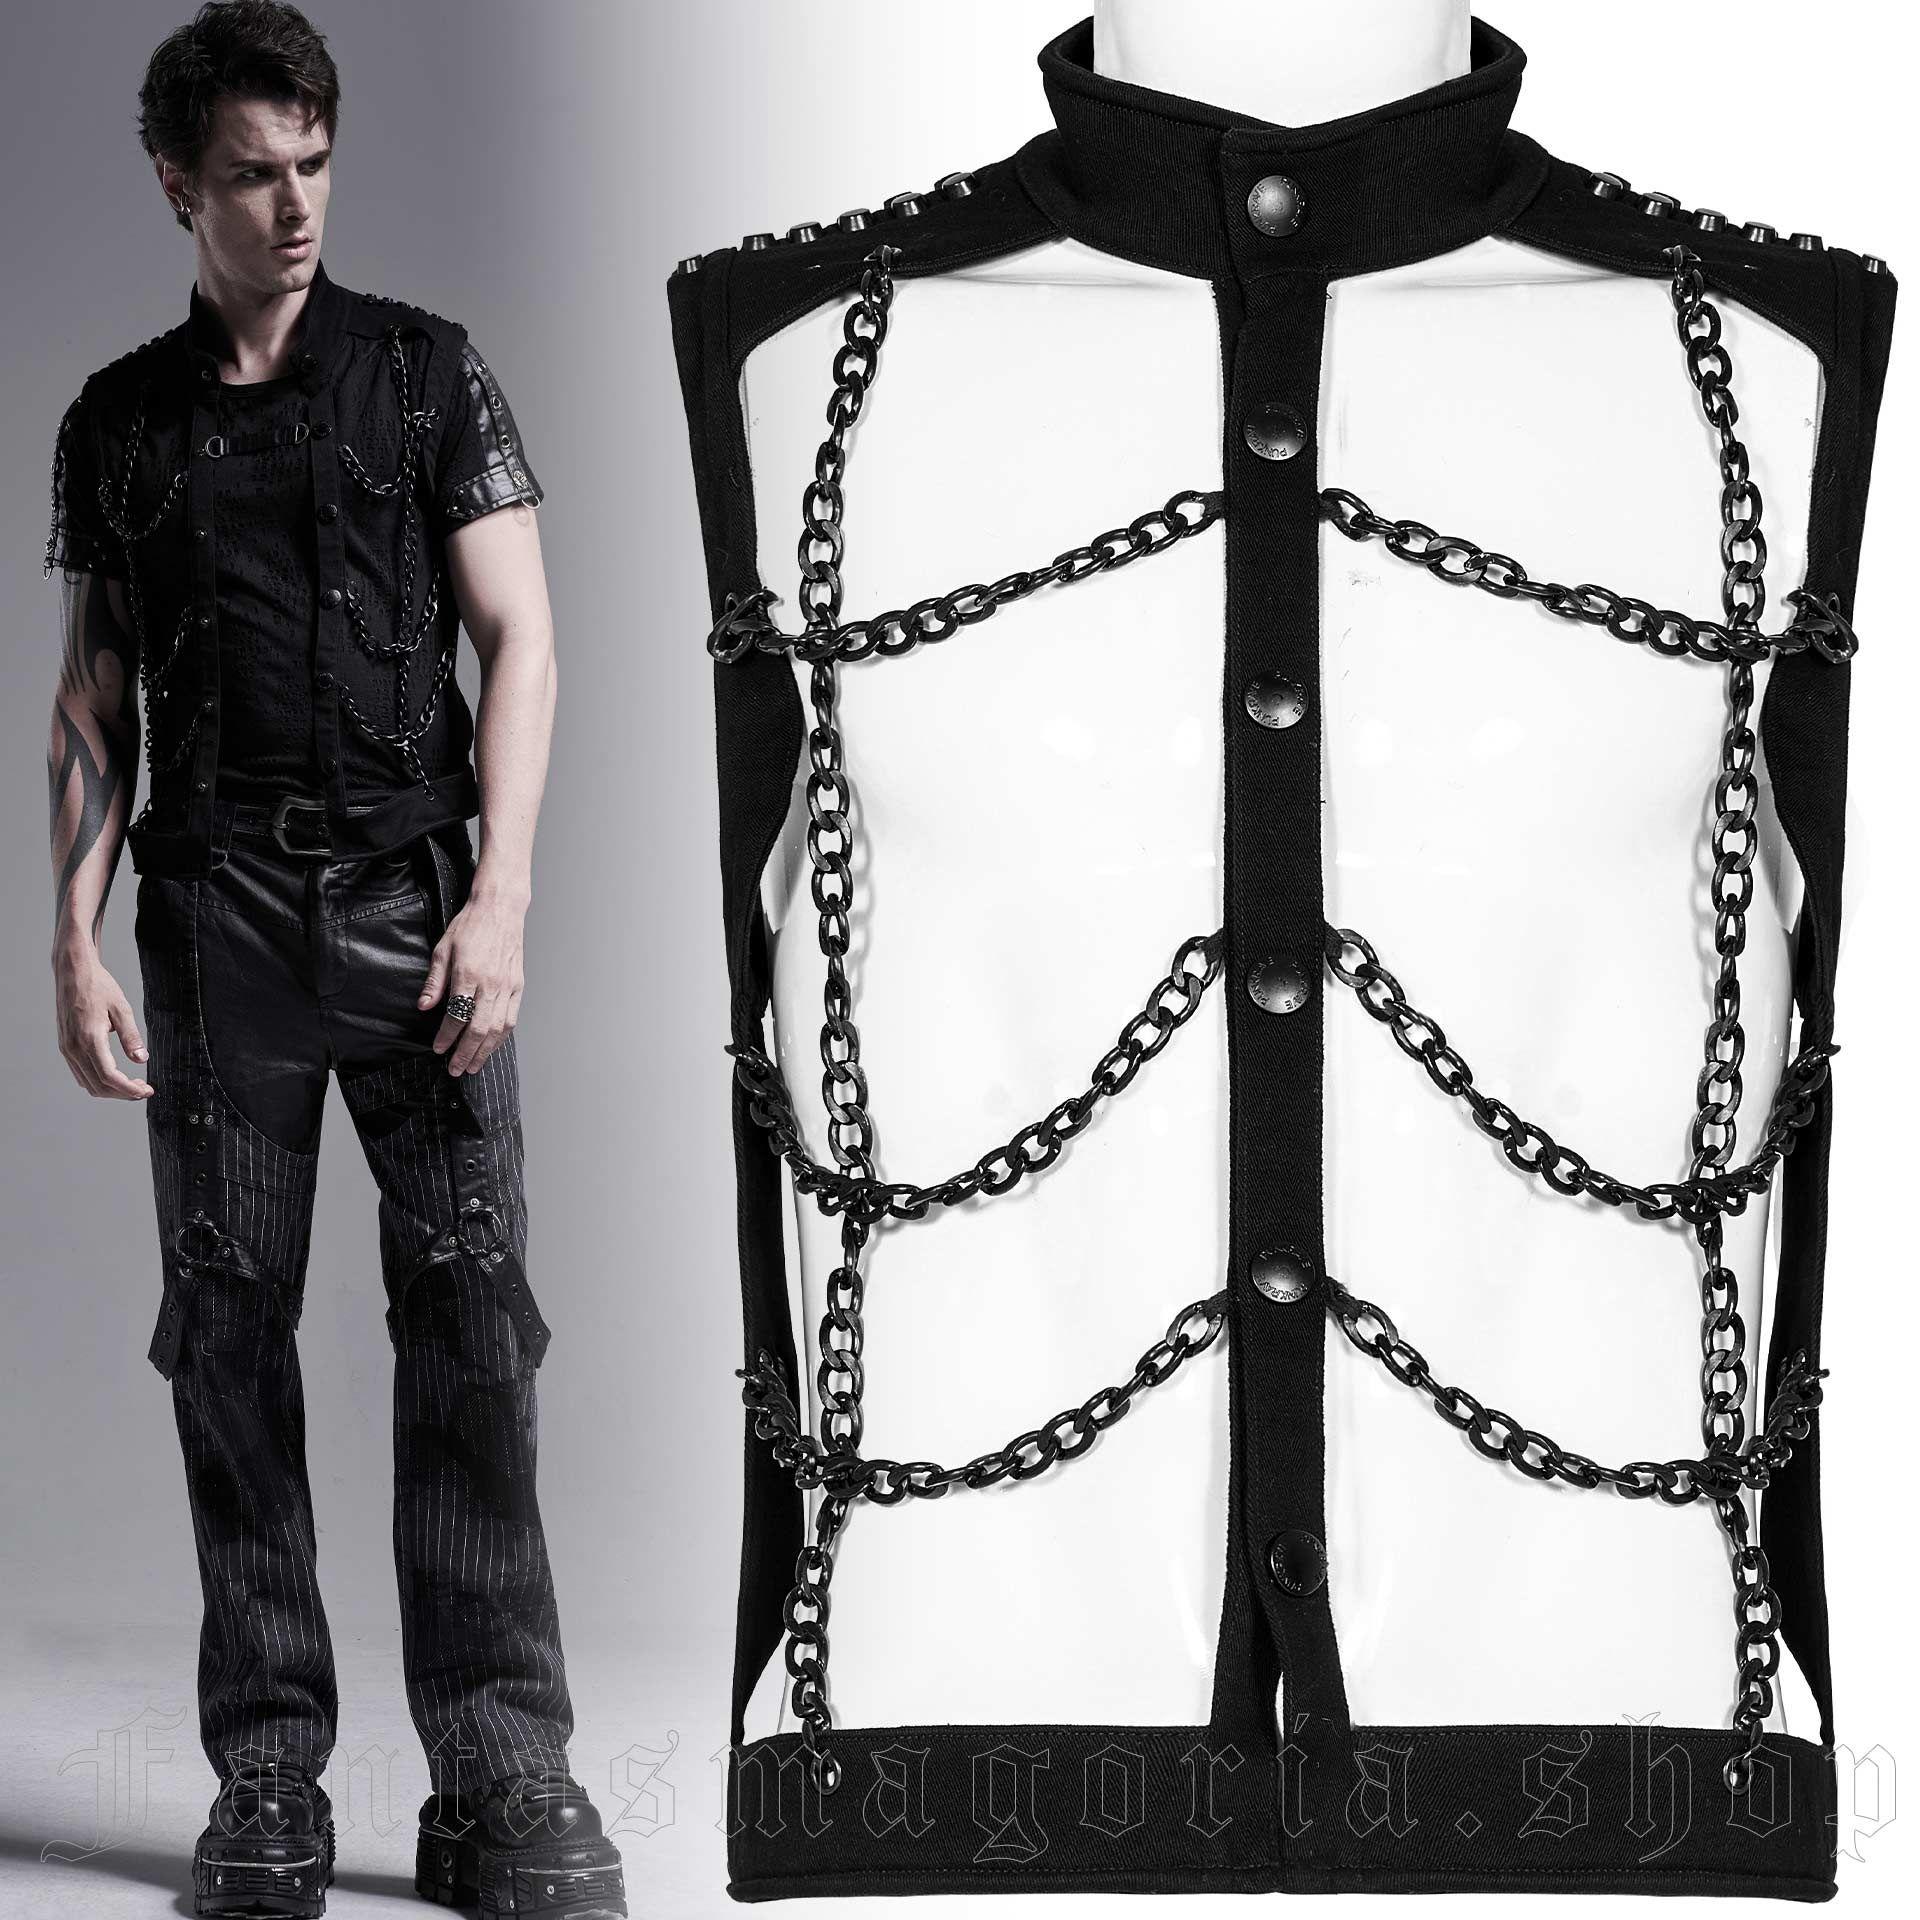 Warlock Chain Waistcoat